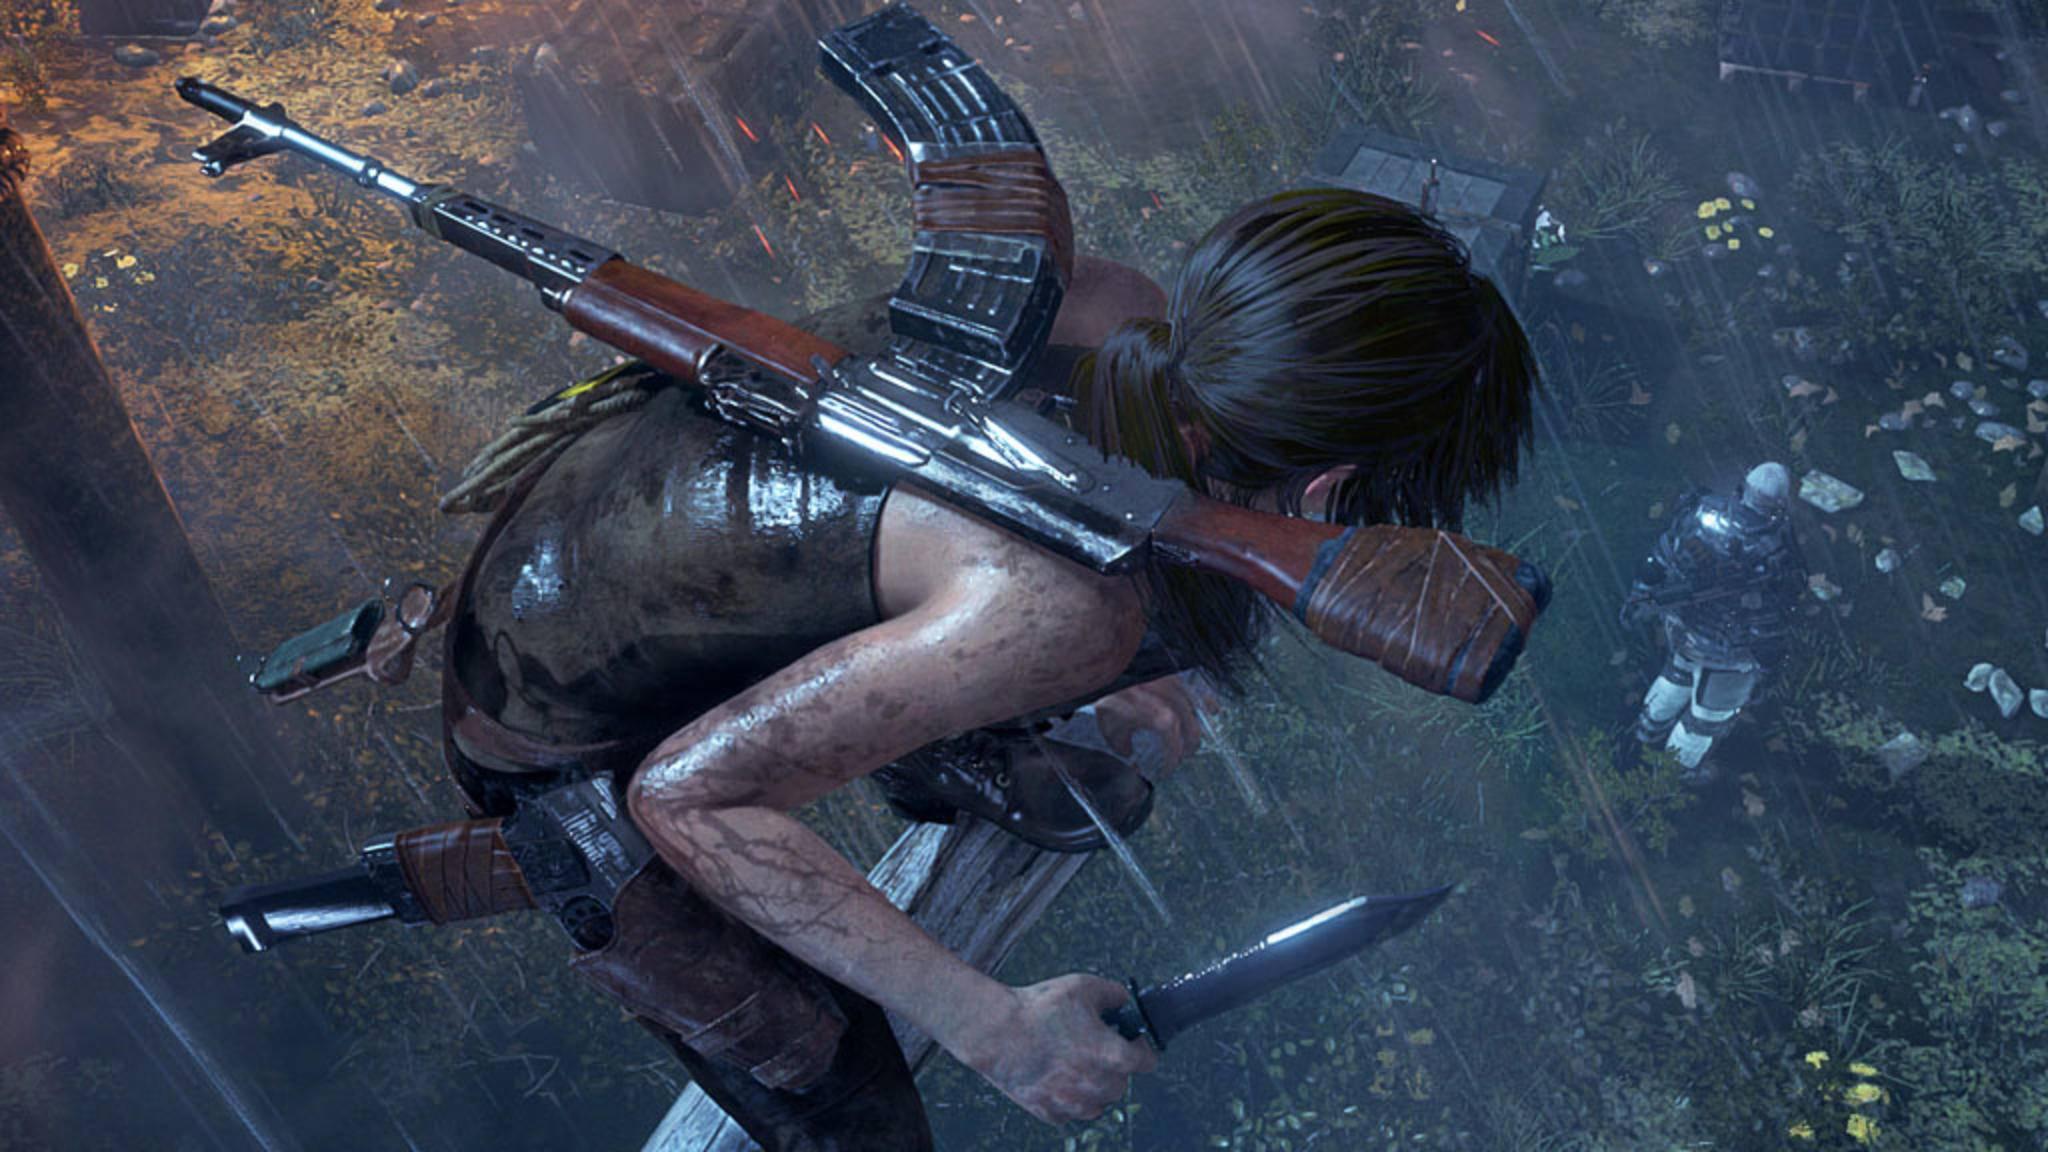 """Gibt es morgen schon News zu """"Shadow of the Tomb Raider""""?"""